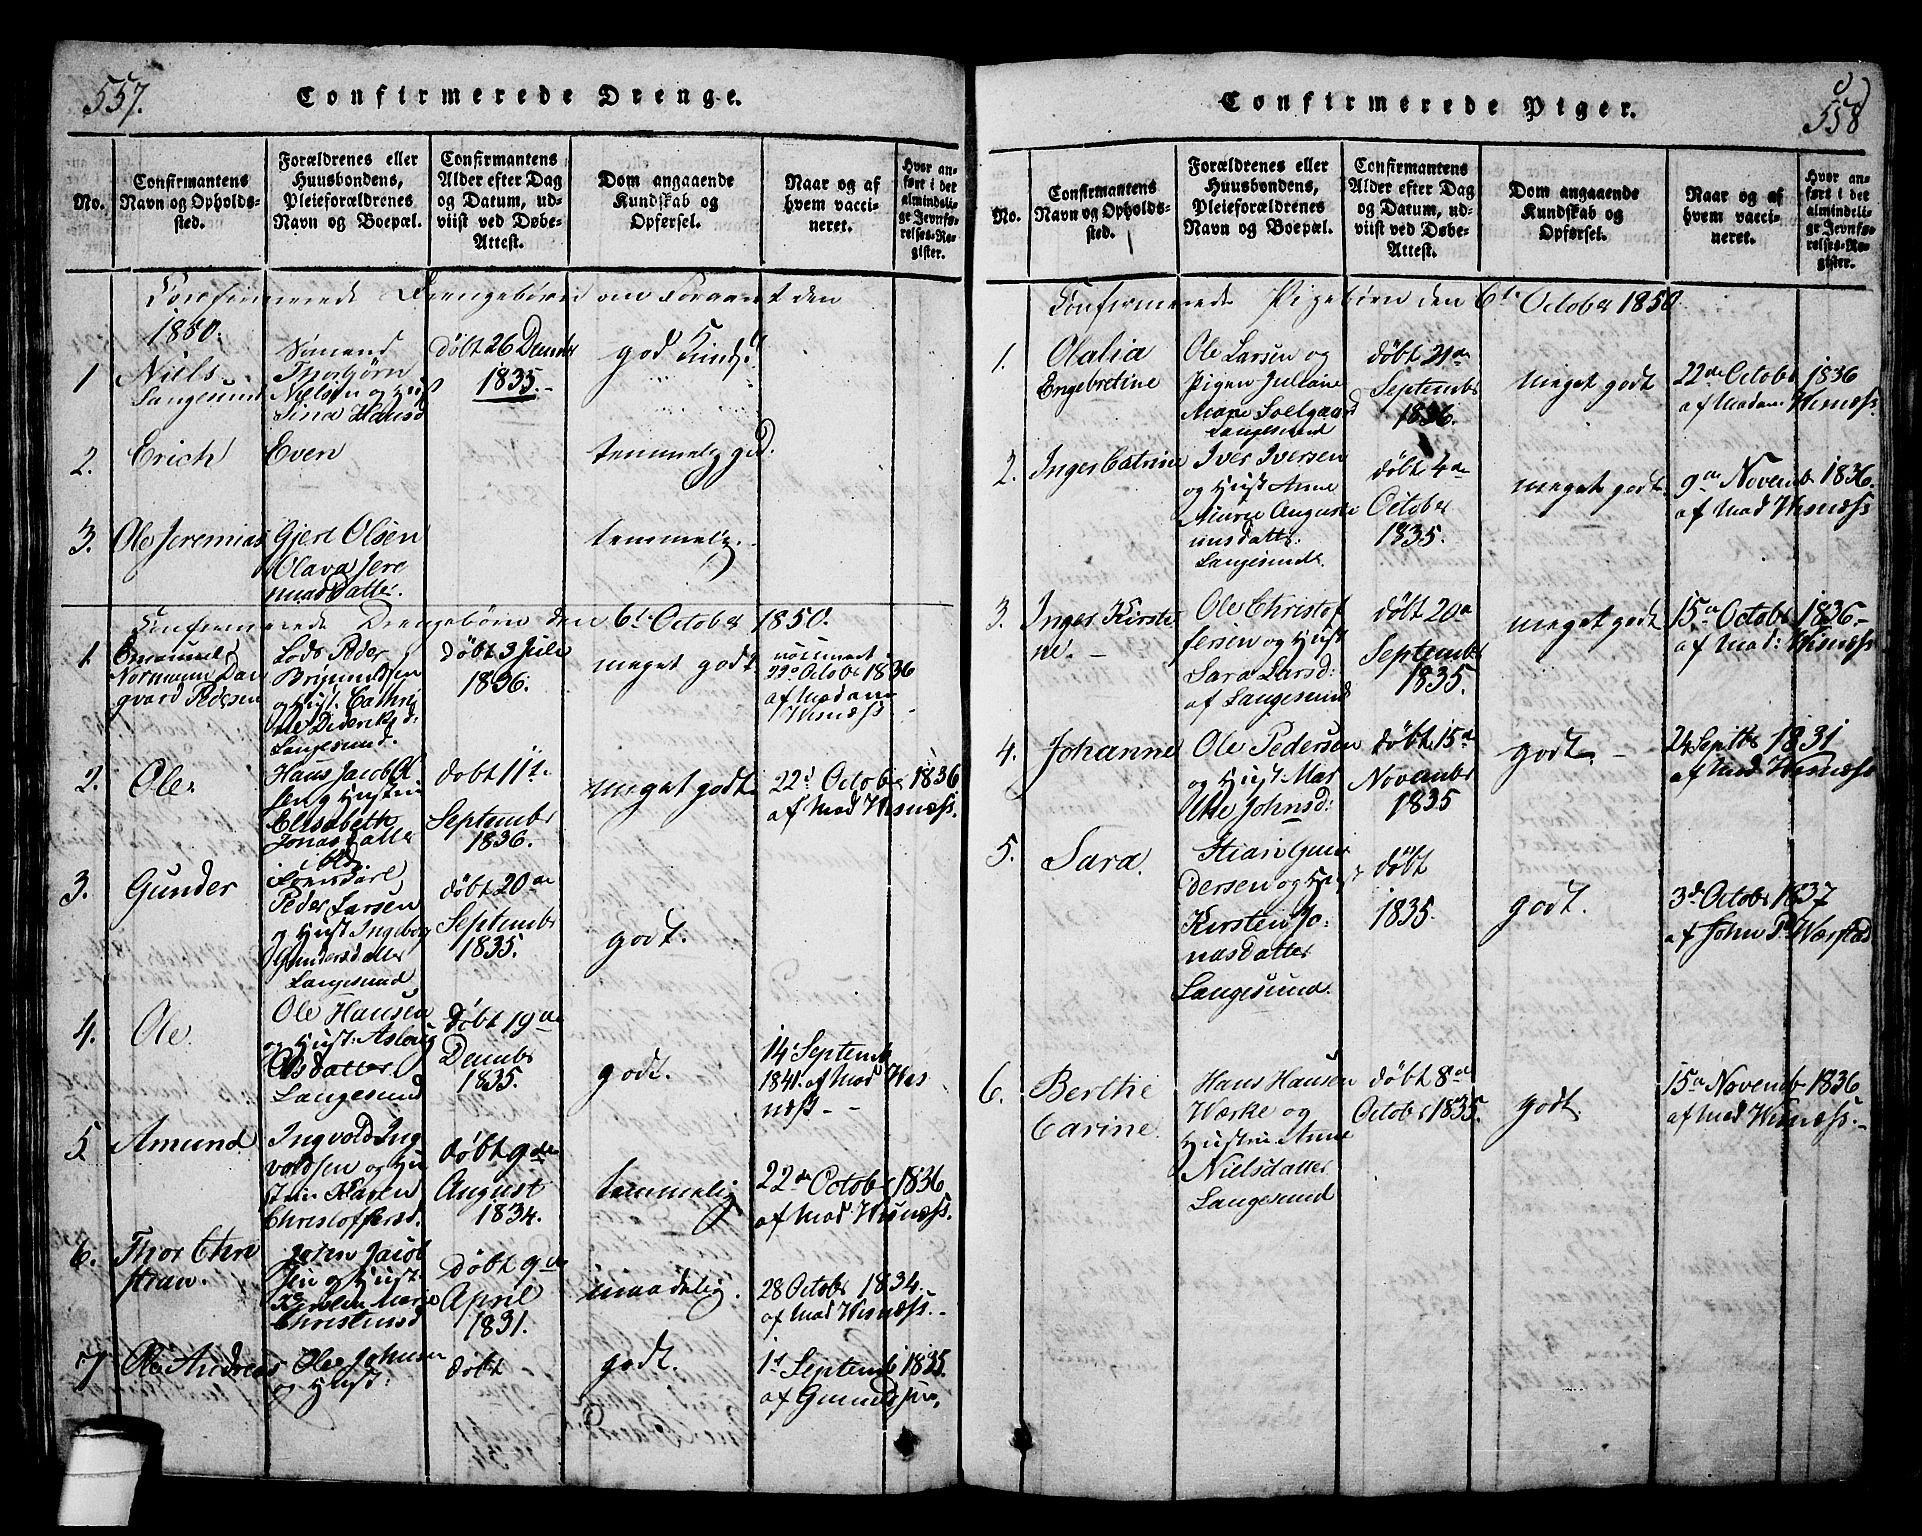 SAKO, Langesund kirkebøker, G/Ga/L0003: Klokkerbok nr. 3, 1815-1858, s. 557-558